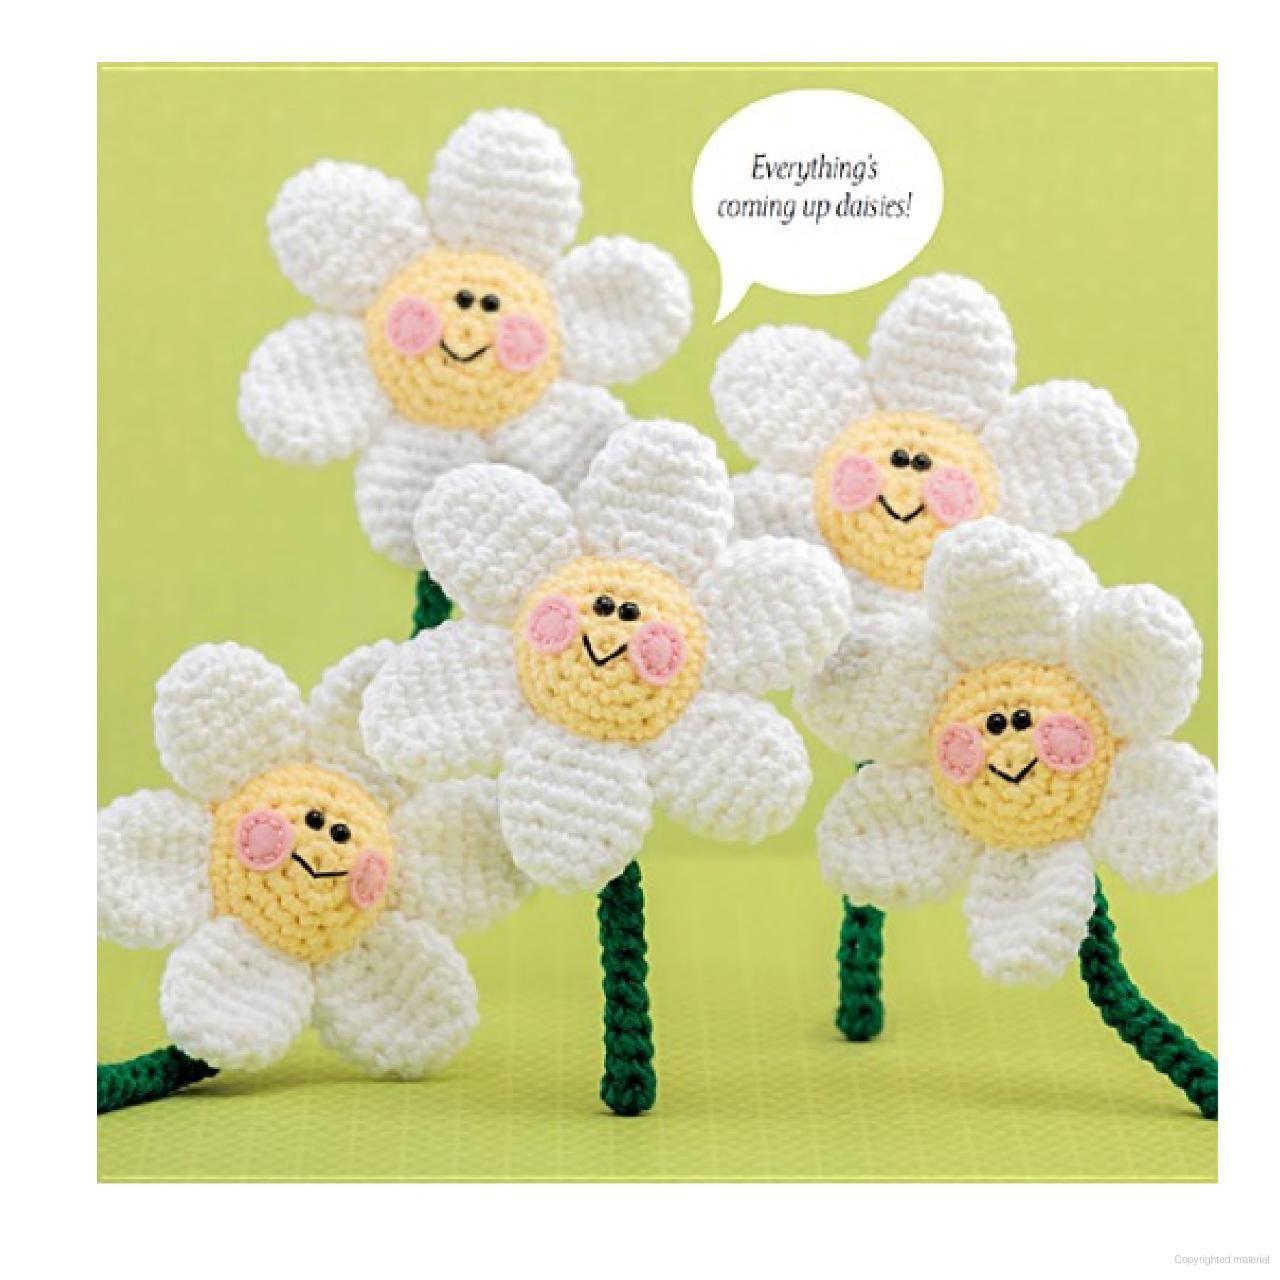 Daisy amigurumi create a very cute daisy flower amigurumi from the daisy amigurumi create a very cute daisy flower amigurumi from the book images izmirmasajfo Choice Image